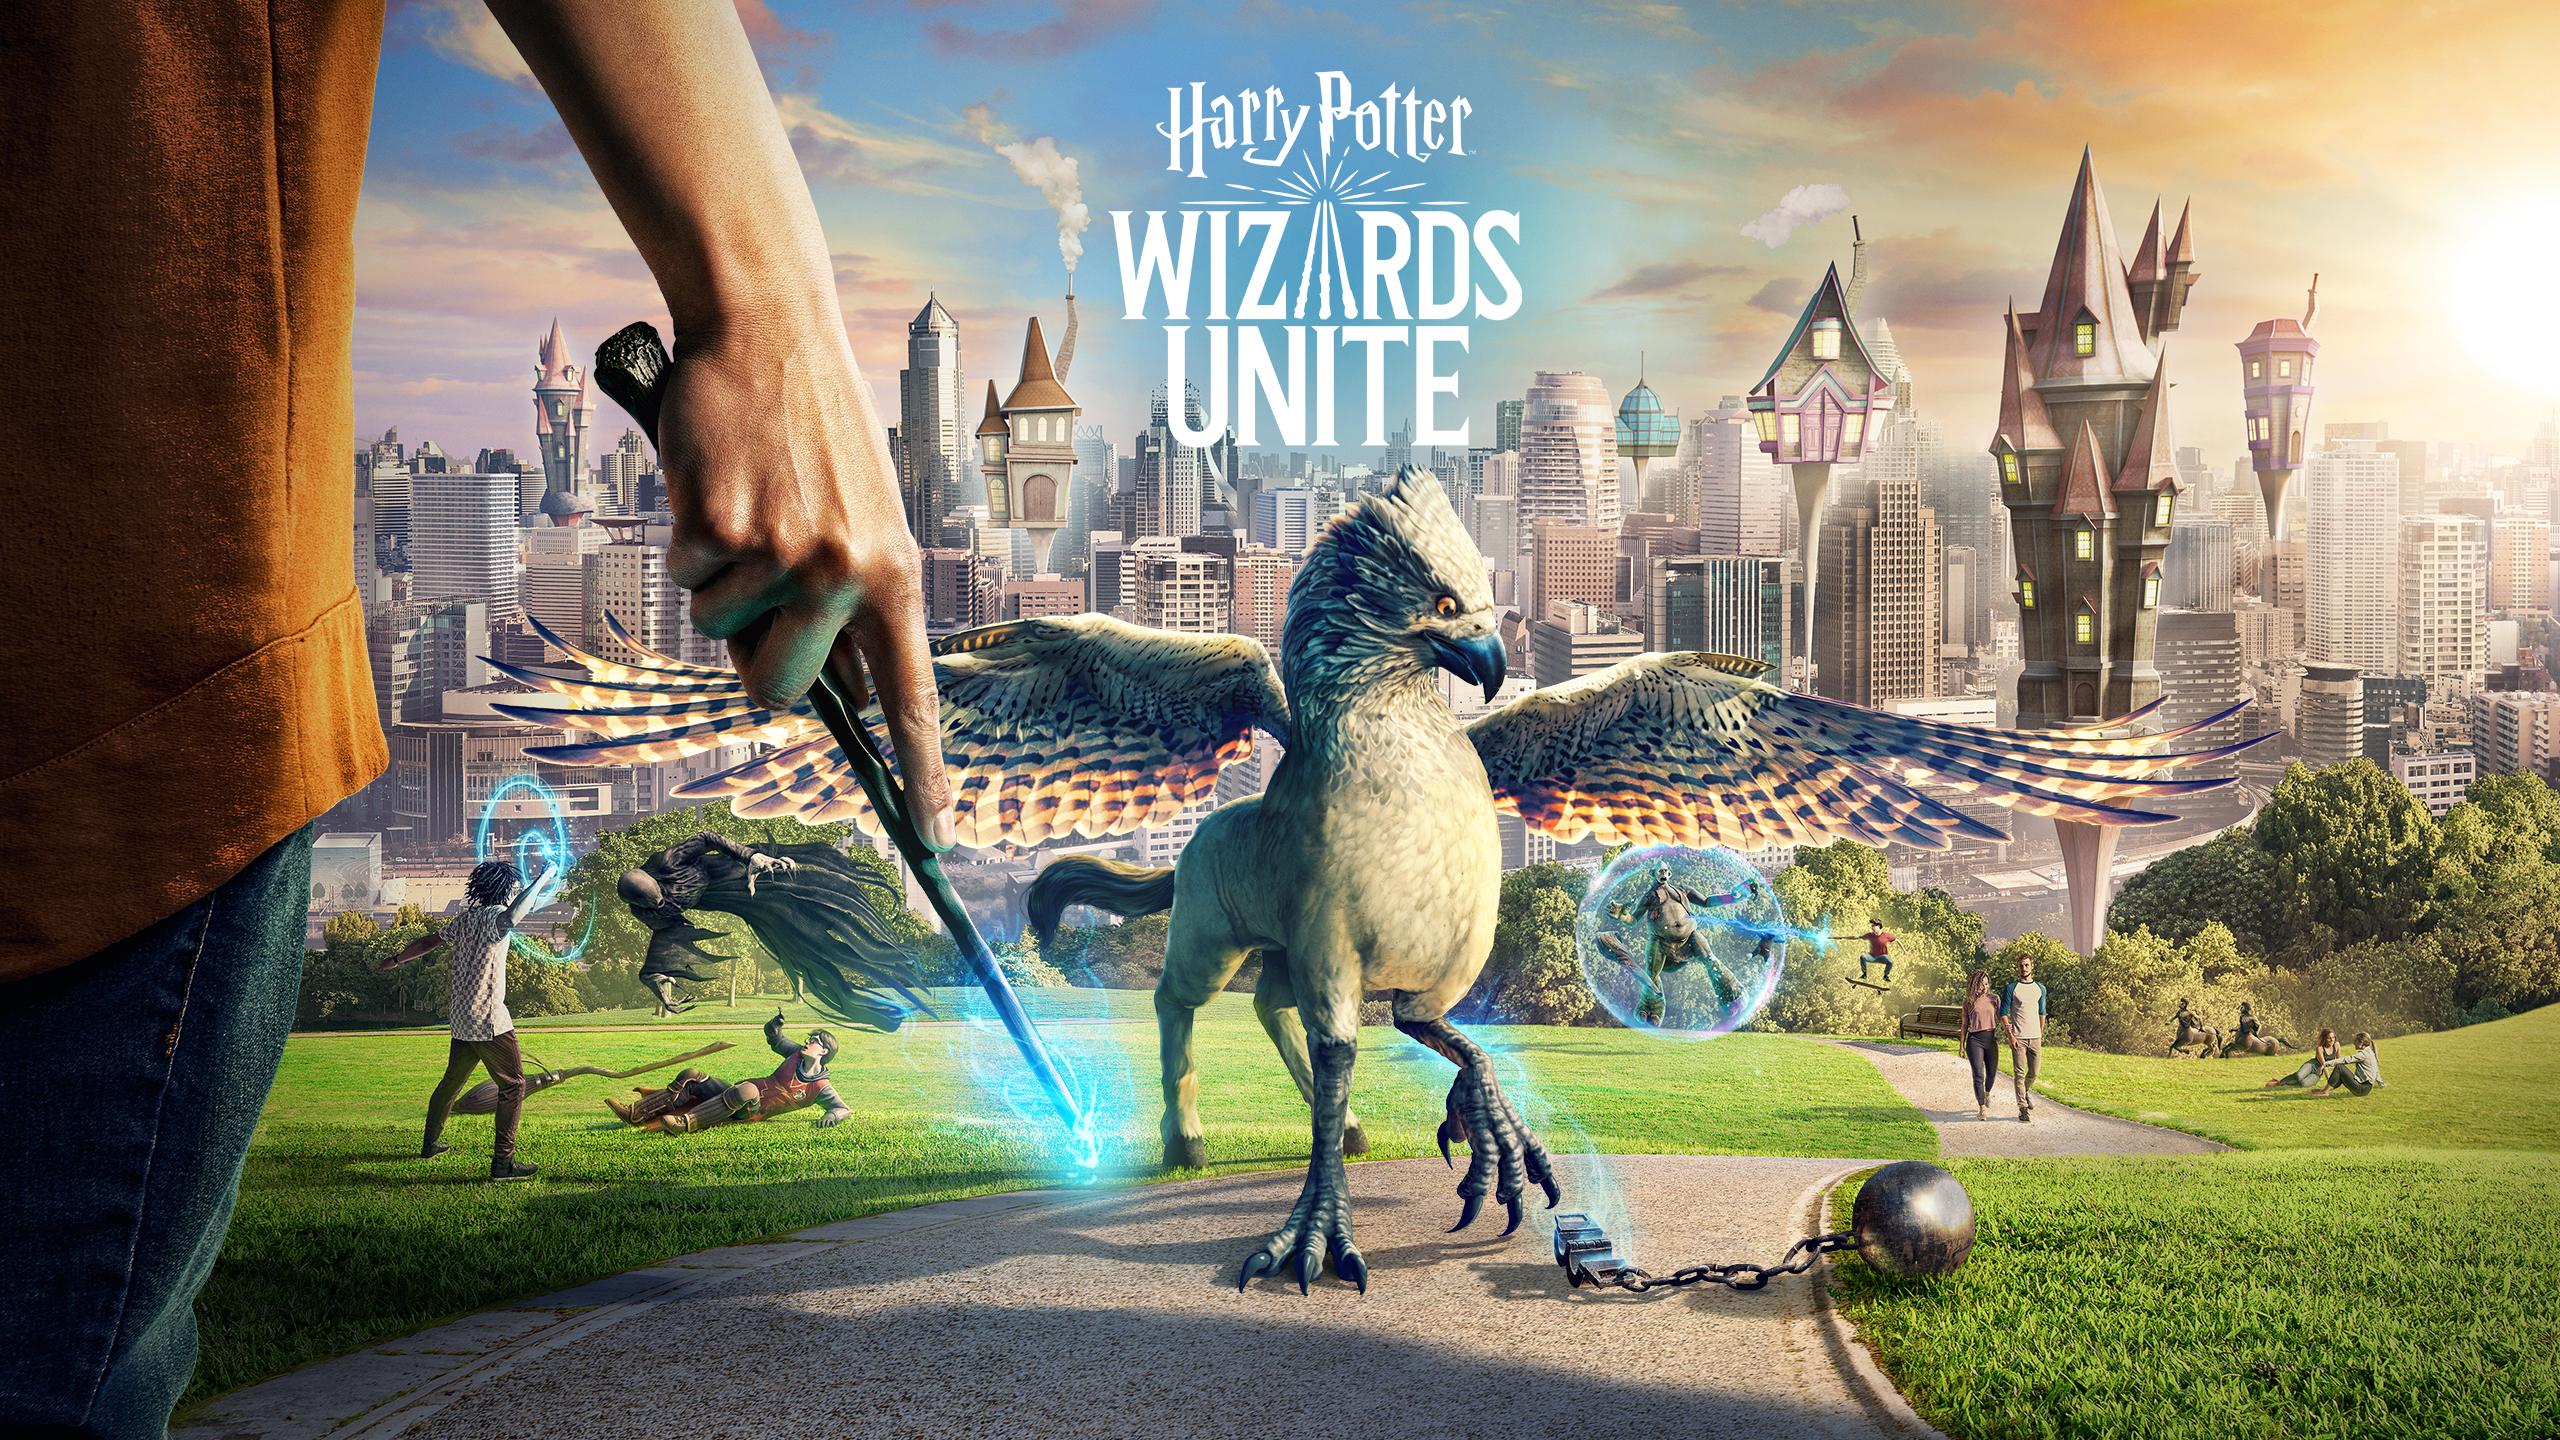 """Harry Potter: Les magiciens unissent """"width ="""" 2560 """"height ="""" 1440 """"/> <br /> Placé pour le week-end de la fête du Travail, le festival des fans se réunit avec la permission de Niantic, WB Games et de la ville d'Indianapolis Les premiers détails sur ce qui se passera exactement lors de l'événement sont un peu rares pour le moment – ce n'est pas vraiment une surprise, car le jeu n'est sorti que depuis environ une semaine aux États-Unis et au Royaume-Uni, et encore moins que dans le reste du monde – mais le communiqué de presse initial disait que les joueurs «s'engageraient dans une variété d'expériences interactives pour rapprocher l'expérience du jeu dans le monde réel."""" <br /> Nous supposerons que cela ne veut pas dire que les vrais gobelins ou les mangemorts , mais on ne sait jamais. <br /> «Les événements du monde réel font partie de l'ADN de Niantic, rassemblant des joueurs de tous les horizons au nom de l'aventure, de l'exploration et en créant des amitiés durables """", a déclaré Bill Kilday, vice-président du marketing et des événements en direct de Niantic, dans un communiqué de presse. «L'incroyable parc national de White River est entouré de la riche culture et de l'histoire d'Indianapolis et constituera le lieu idéal pour notre événement inaugural <em> Harry Potter: Wizards Unite </em>."""" </p> <div style="""